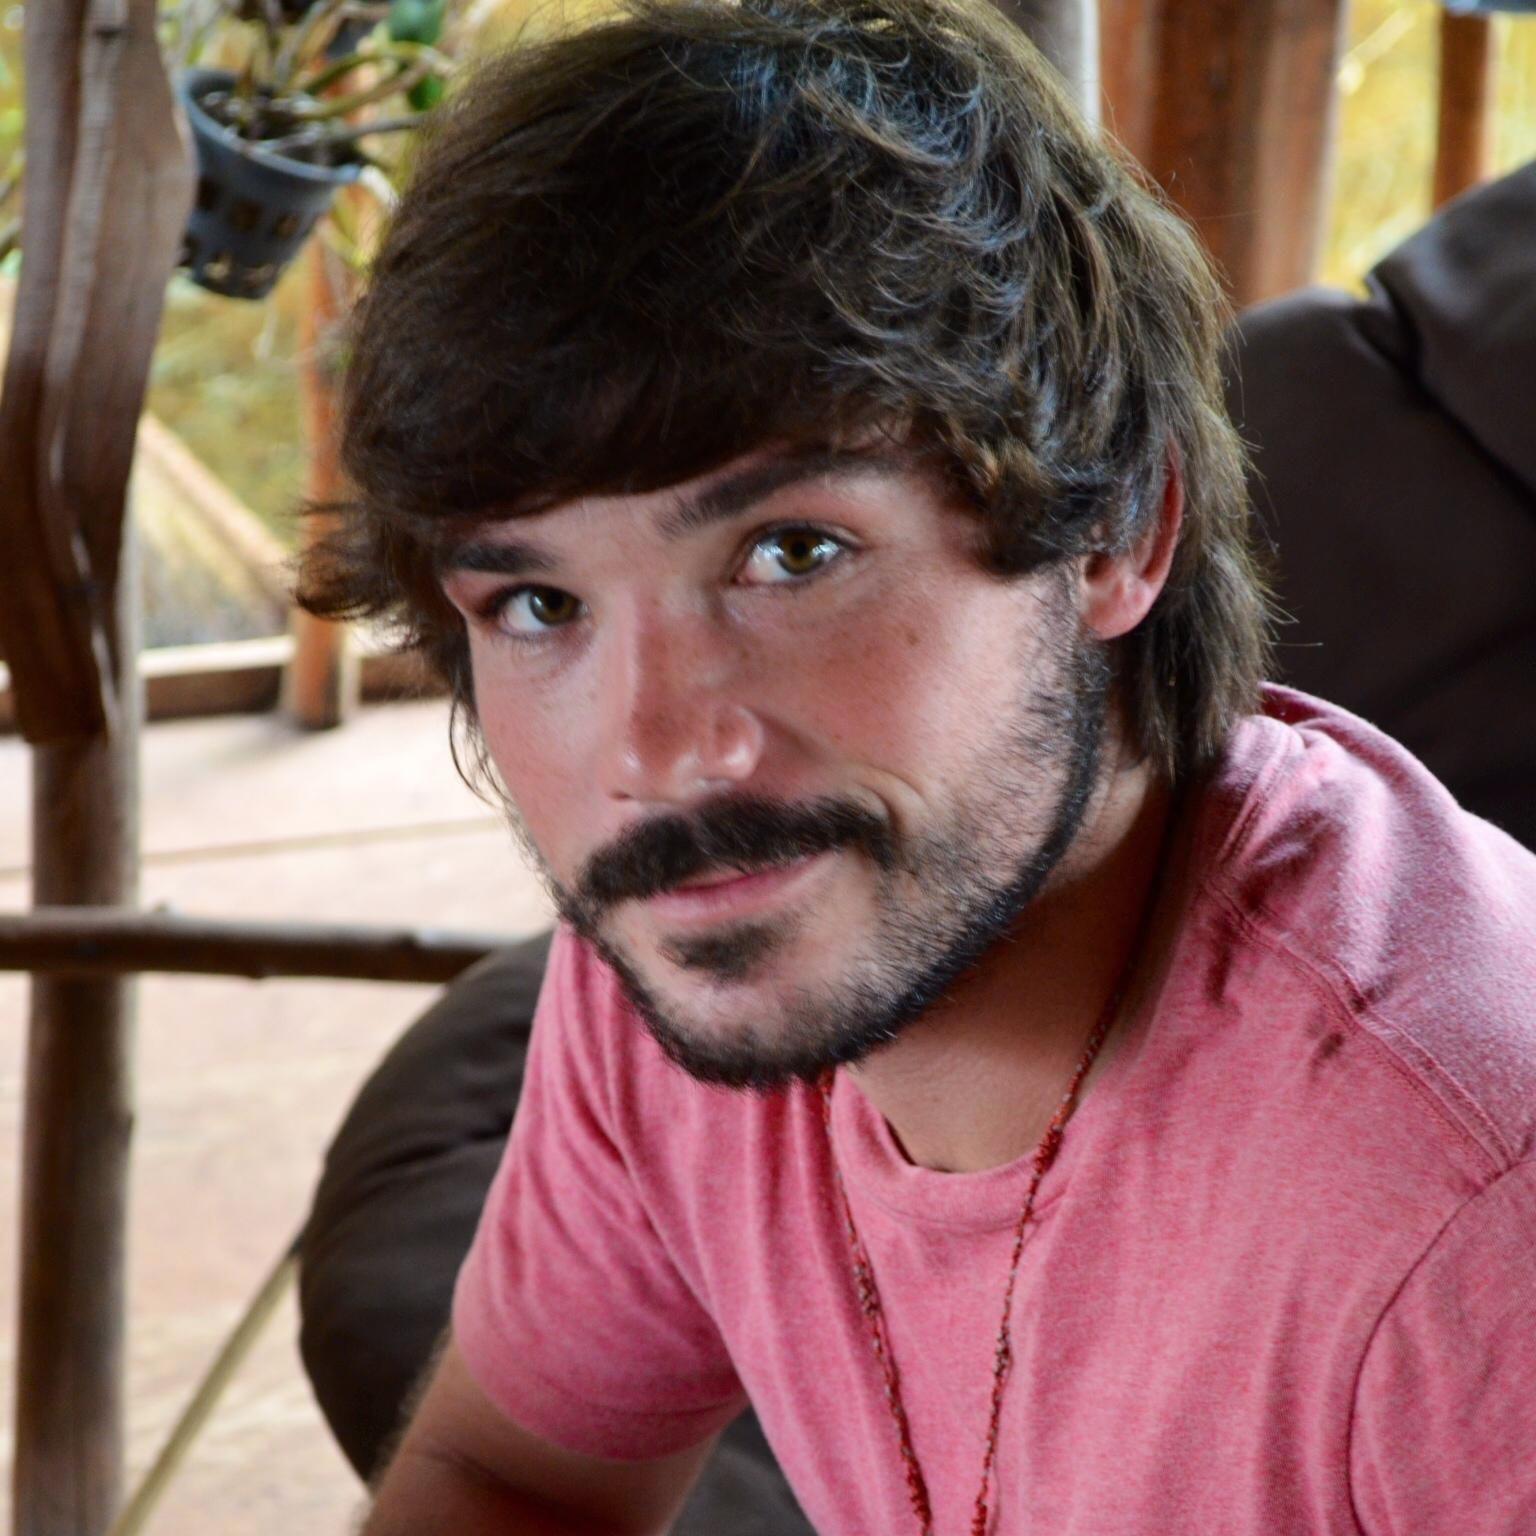 Matt Sencenbaugh